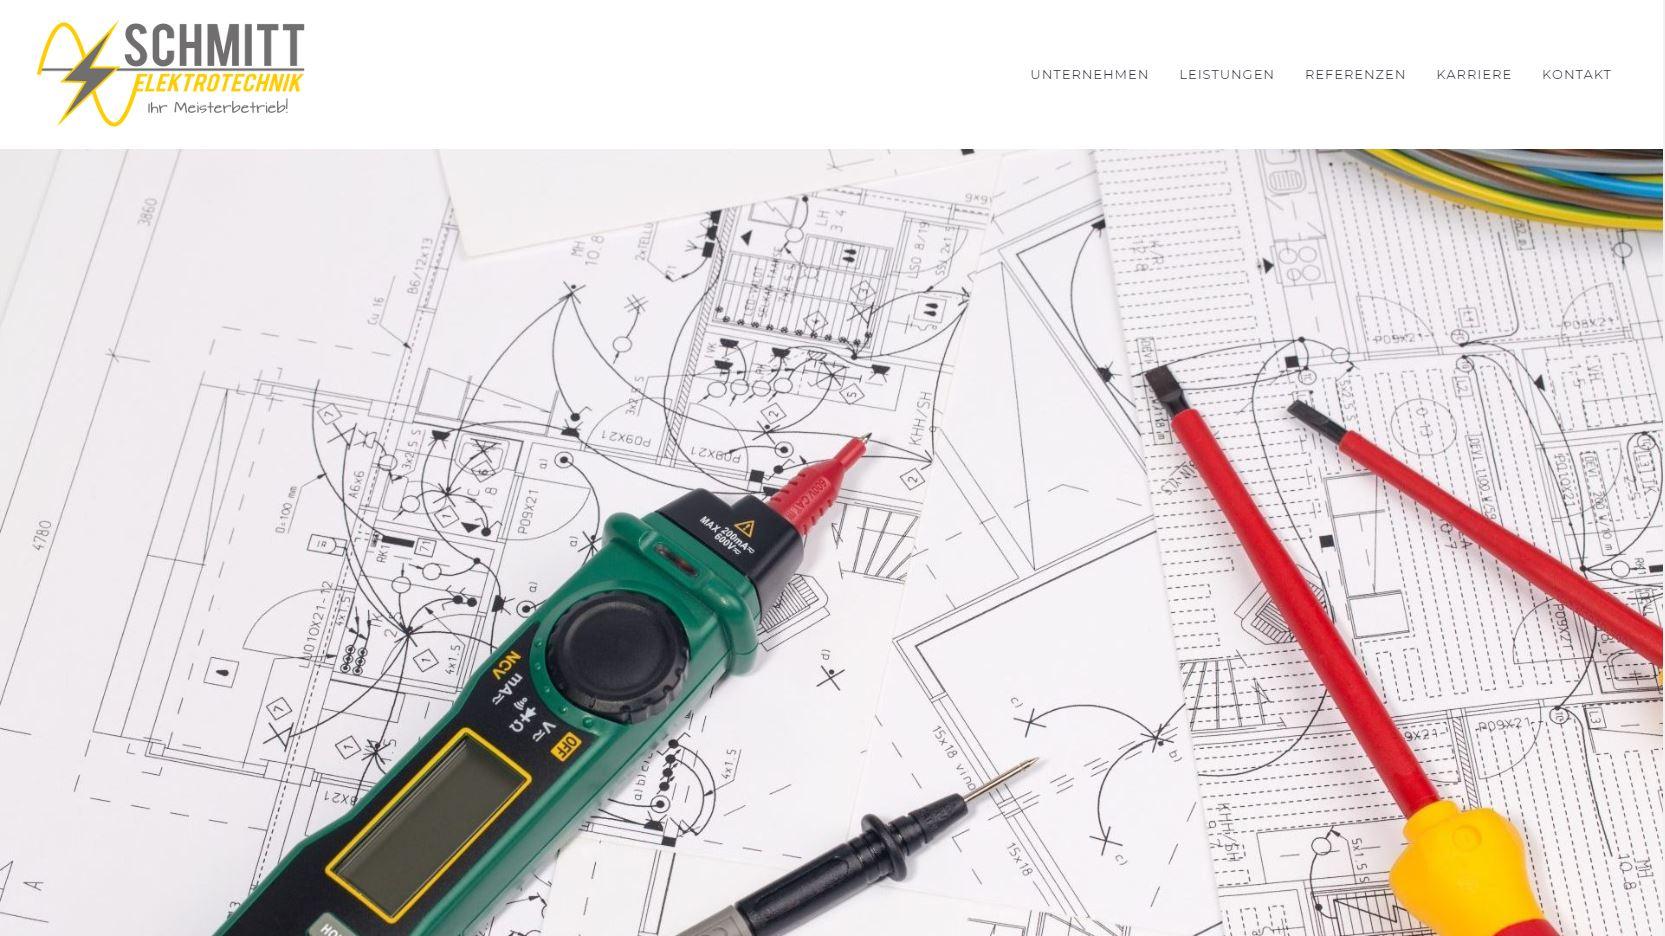 webdesign schmitt etech